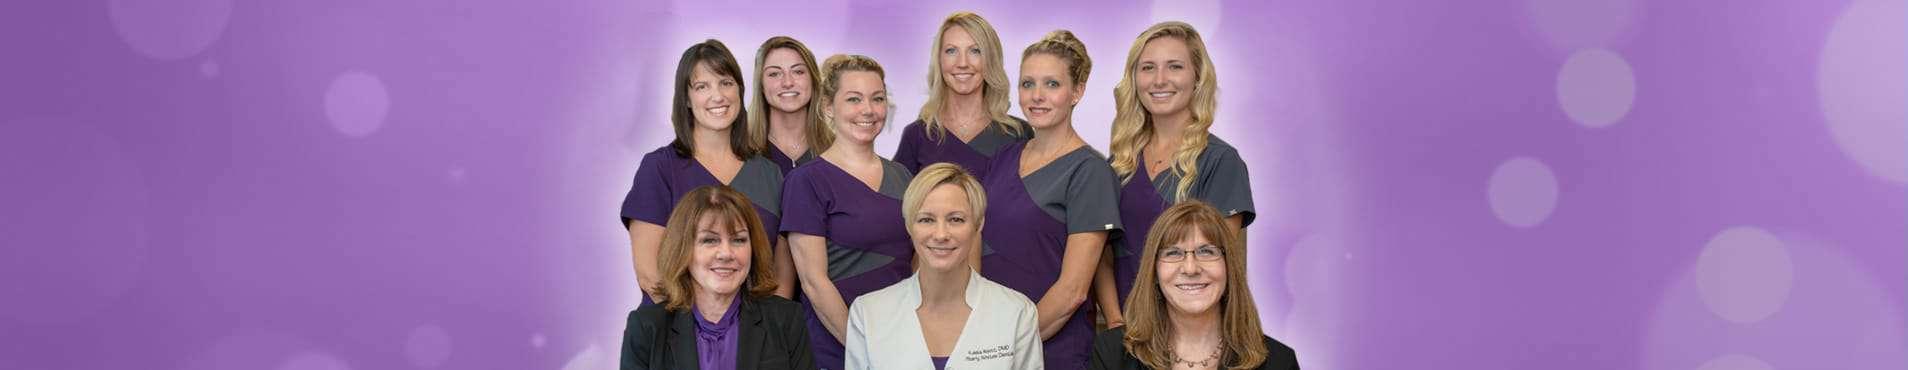 Dental Crowns Dentist Serving Newtown